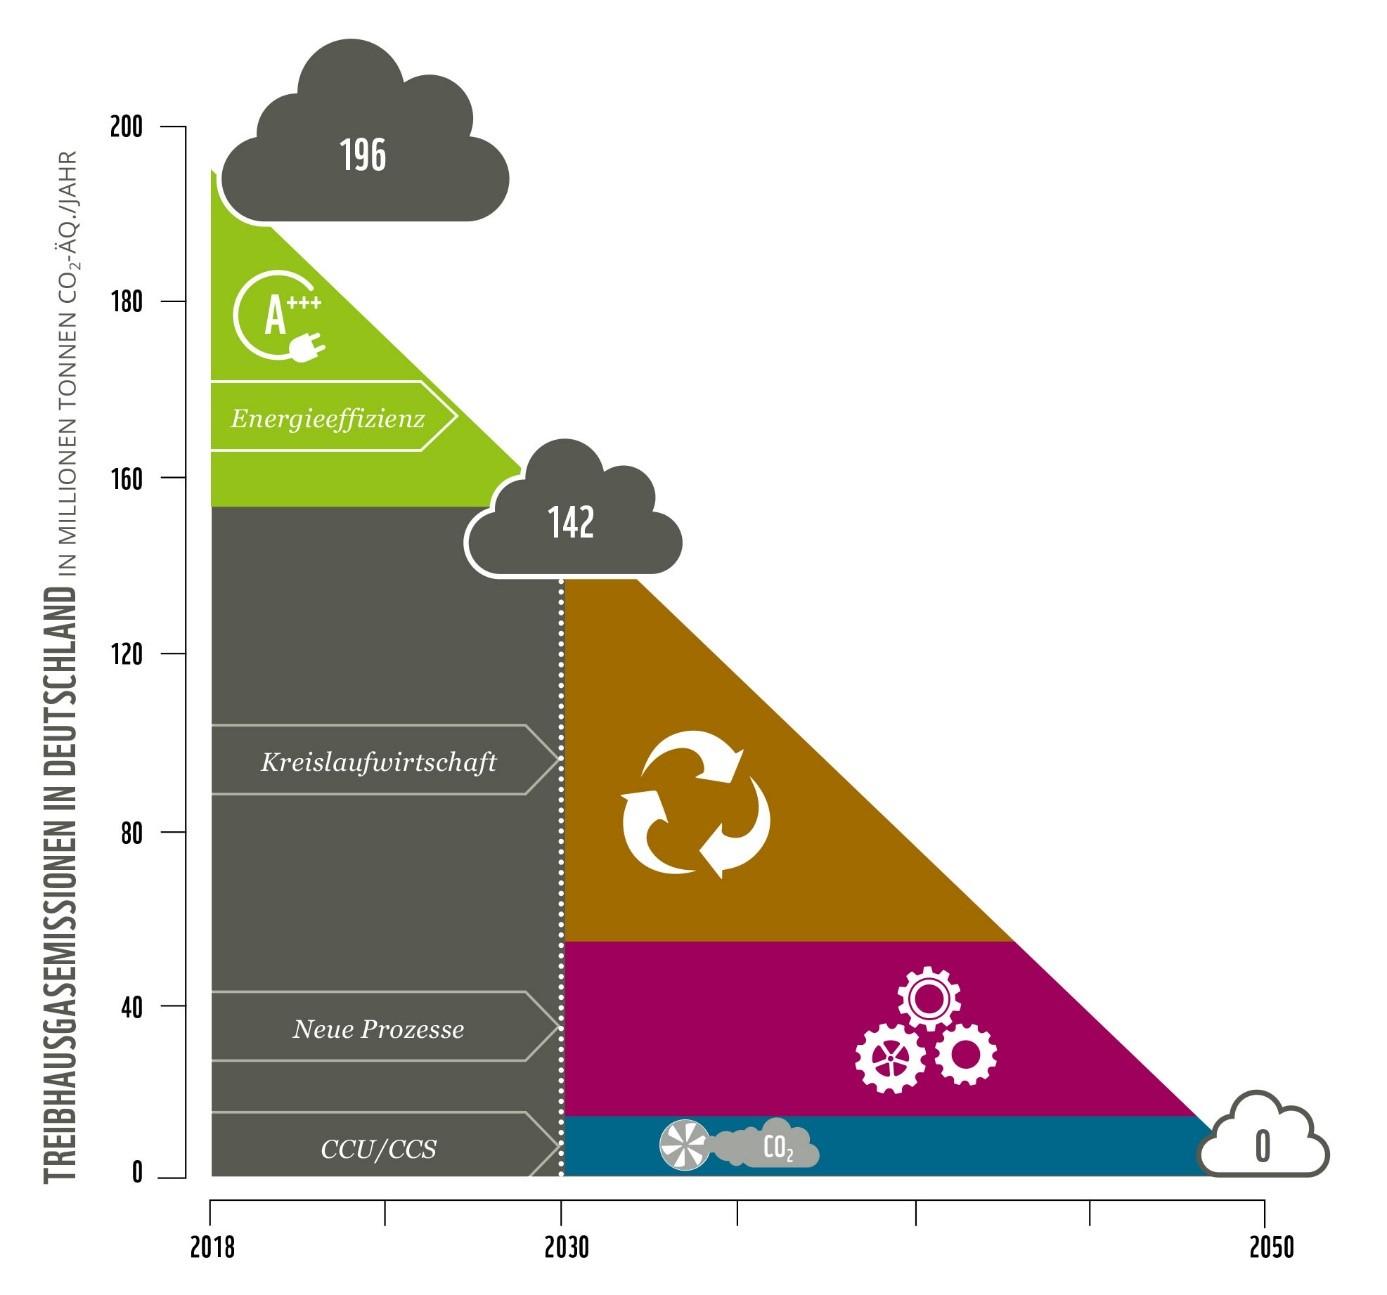 Klimaschutz Industrie: Um das Klimaziel bis 2030 einzuhalten braucht es vor allem Energieeffizienz. Um langfristig Nullemissionen zu erreichen, muss die Kreislaufwirtschaft weiterentwickelt, neue klimaneutrale Prozesse eingeführt und Restemissionen von CO2 abgefangen und wiederverwendet oder gespeichert werden.